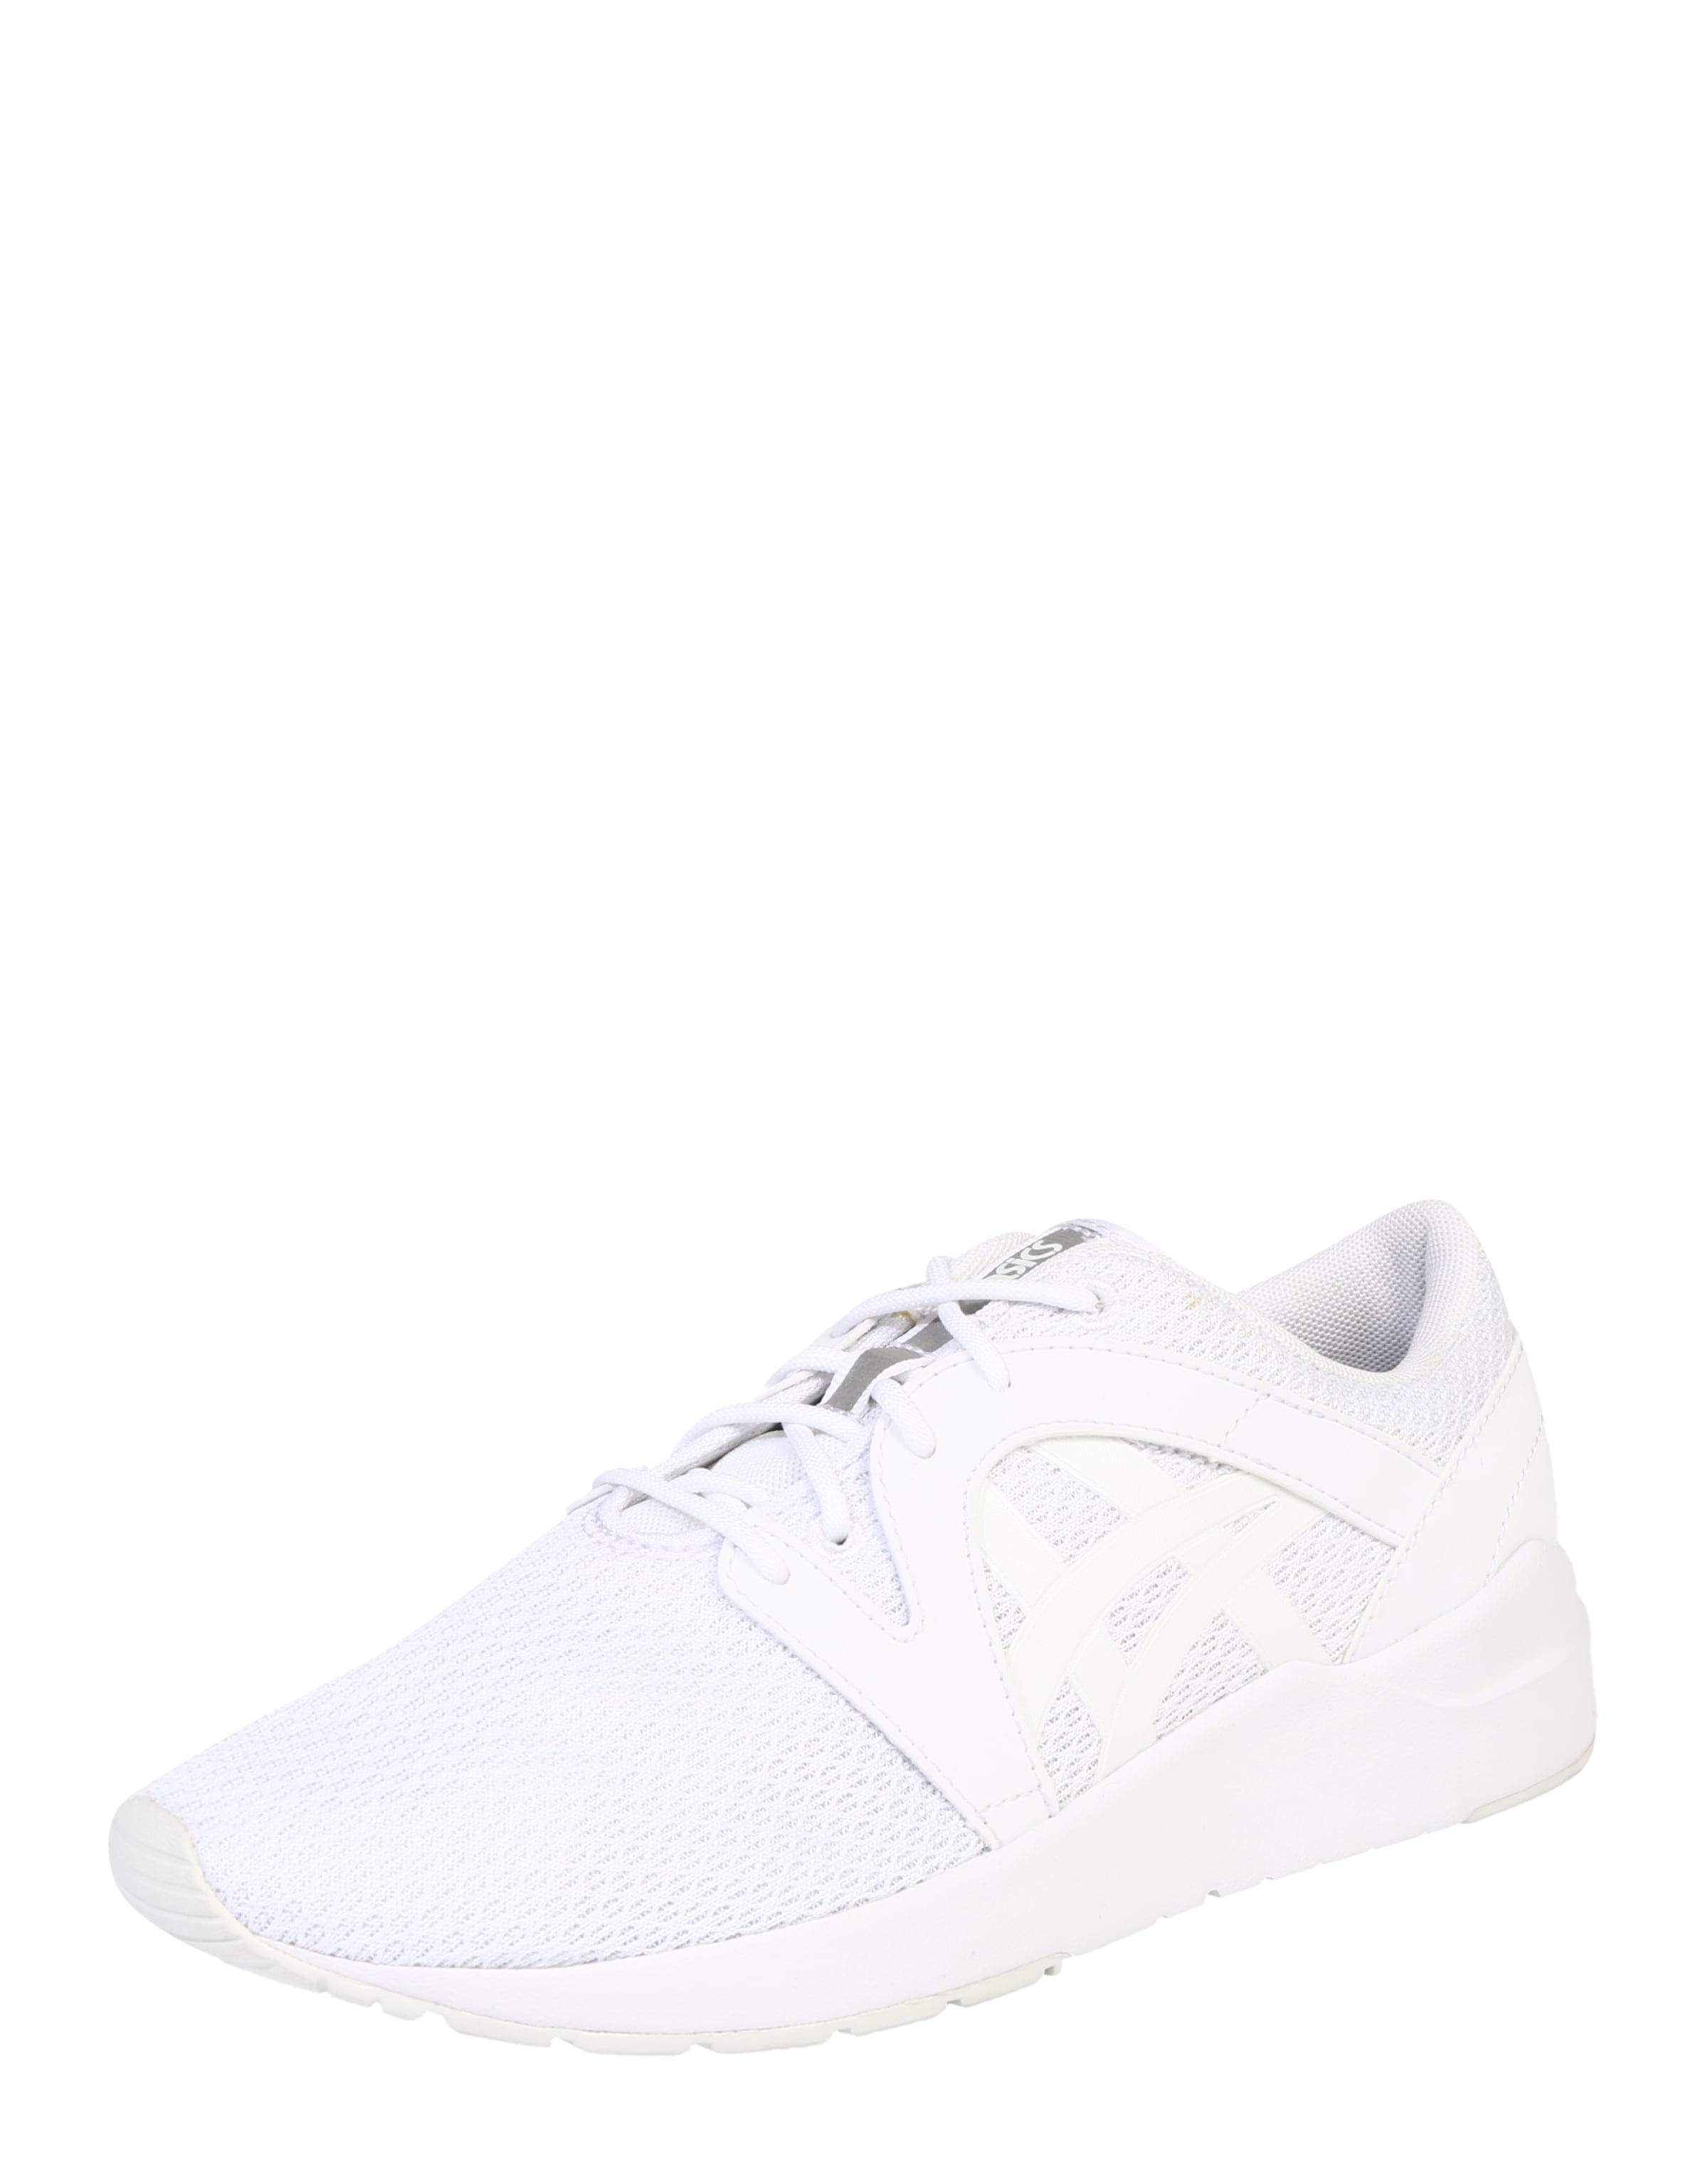 Nu 15% Korting: Asics Sneakers ?gel-lyte Komachi? Maintenant, 15% De Réduction: Chaussures De Sport Asics Gel Lyte Komachi? Asics Asics